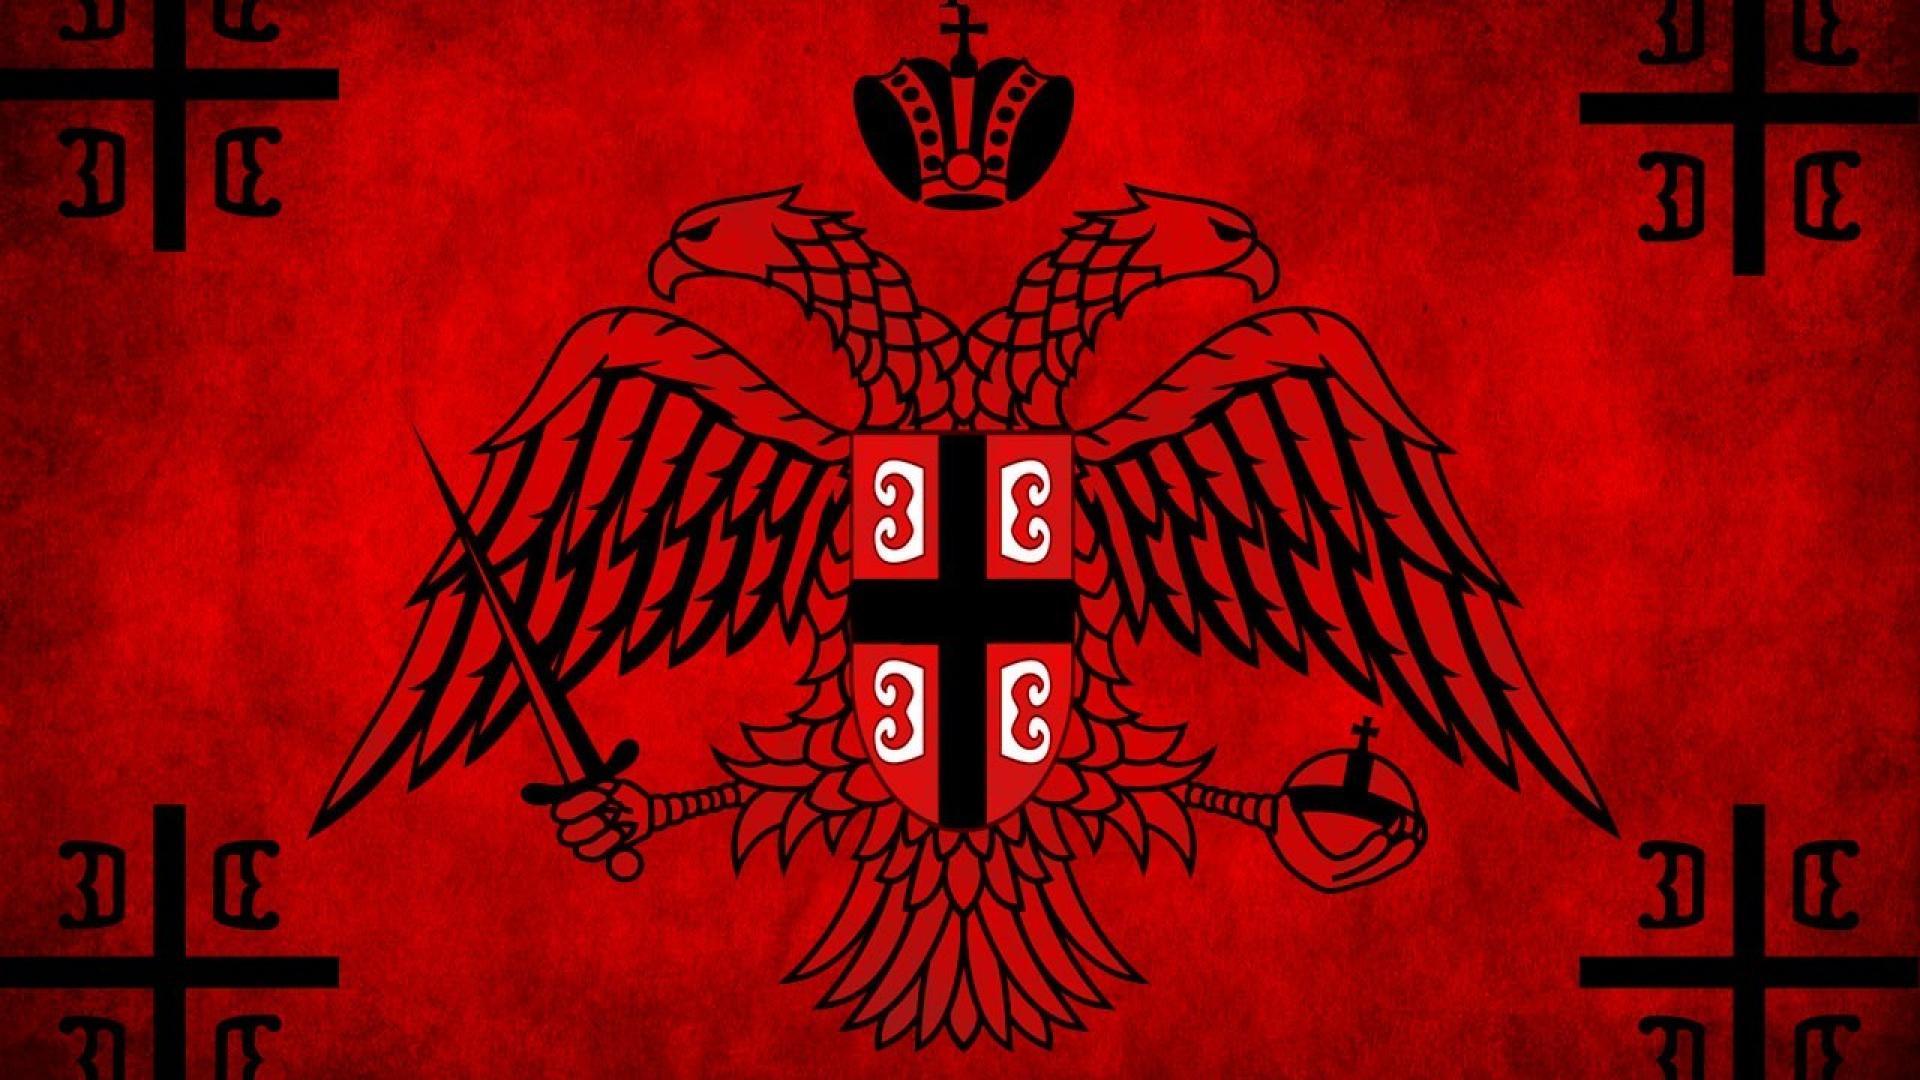 War brotherhood flags serbia ancient serbian orthodox cross wallpaper 1920x1080